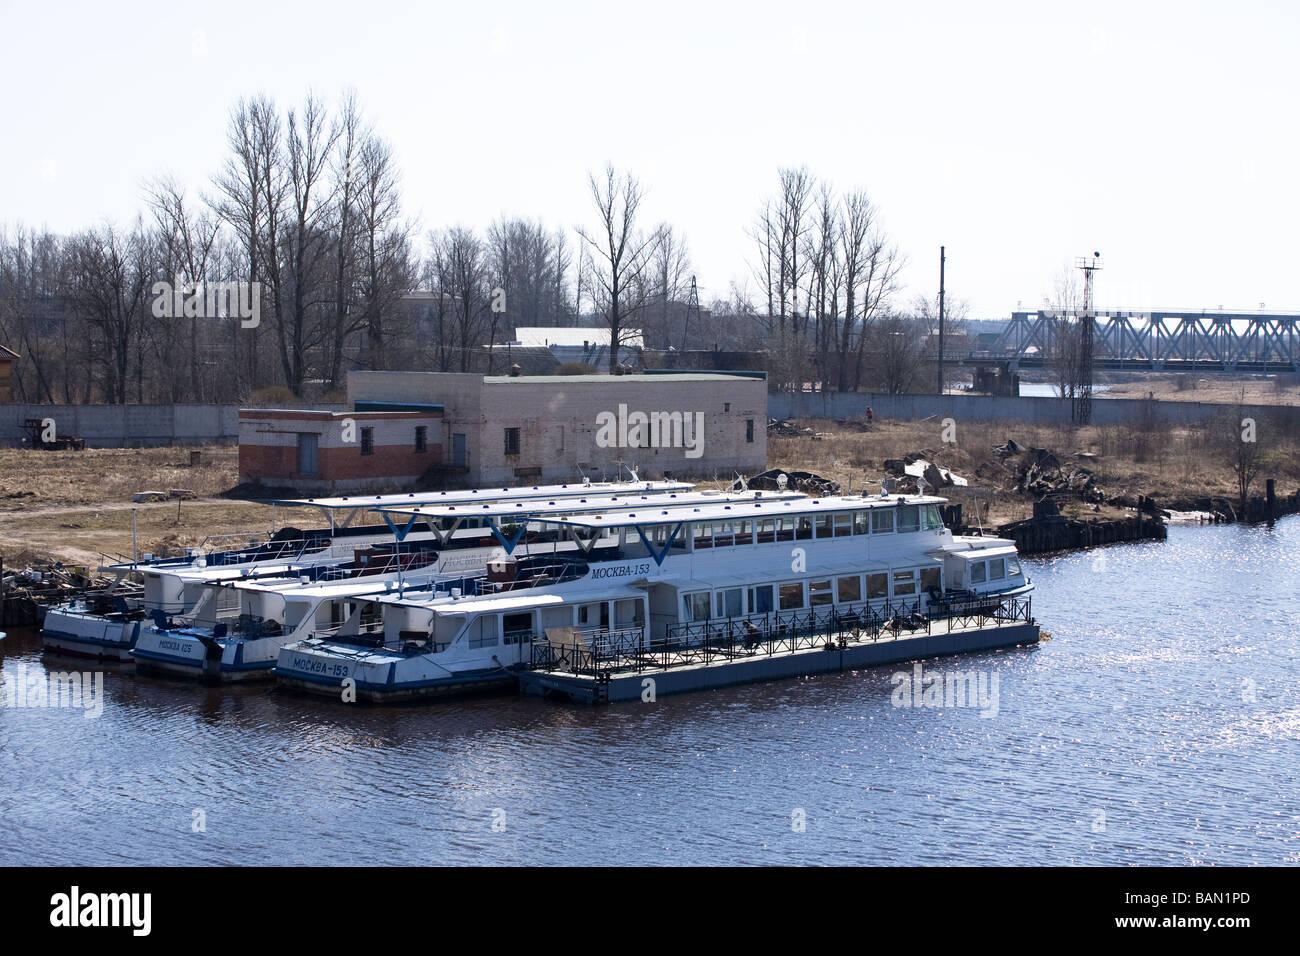 river cruise ships moorage preparing to navigation - Stock Image